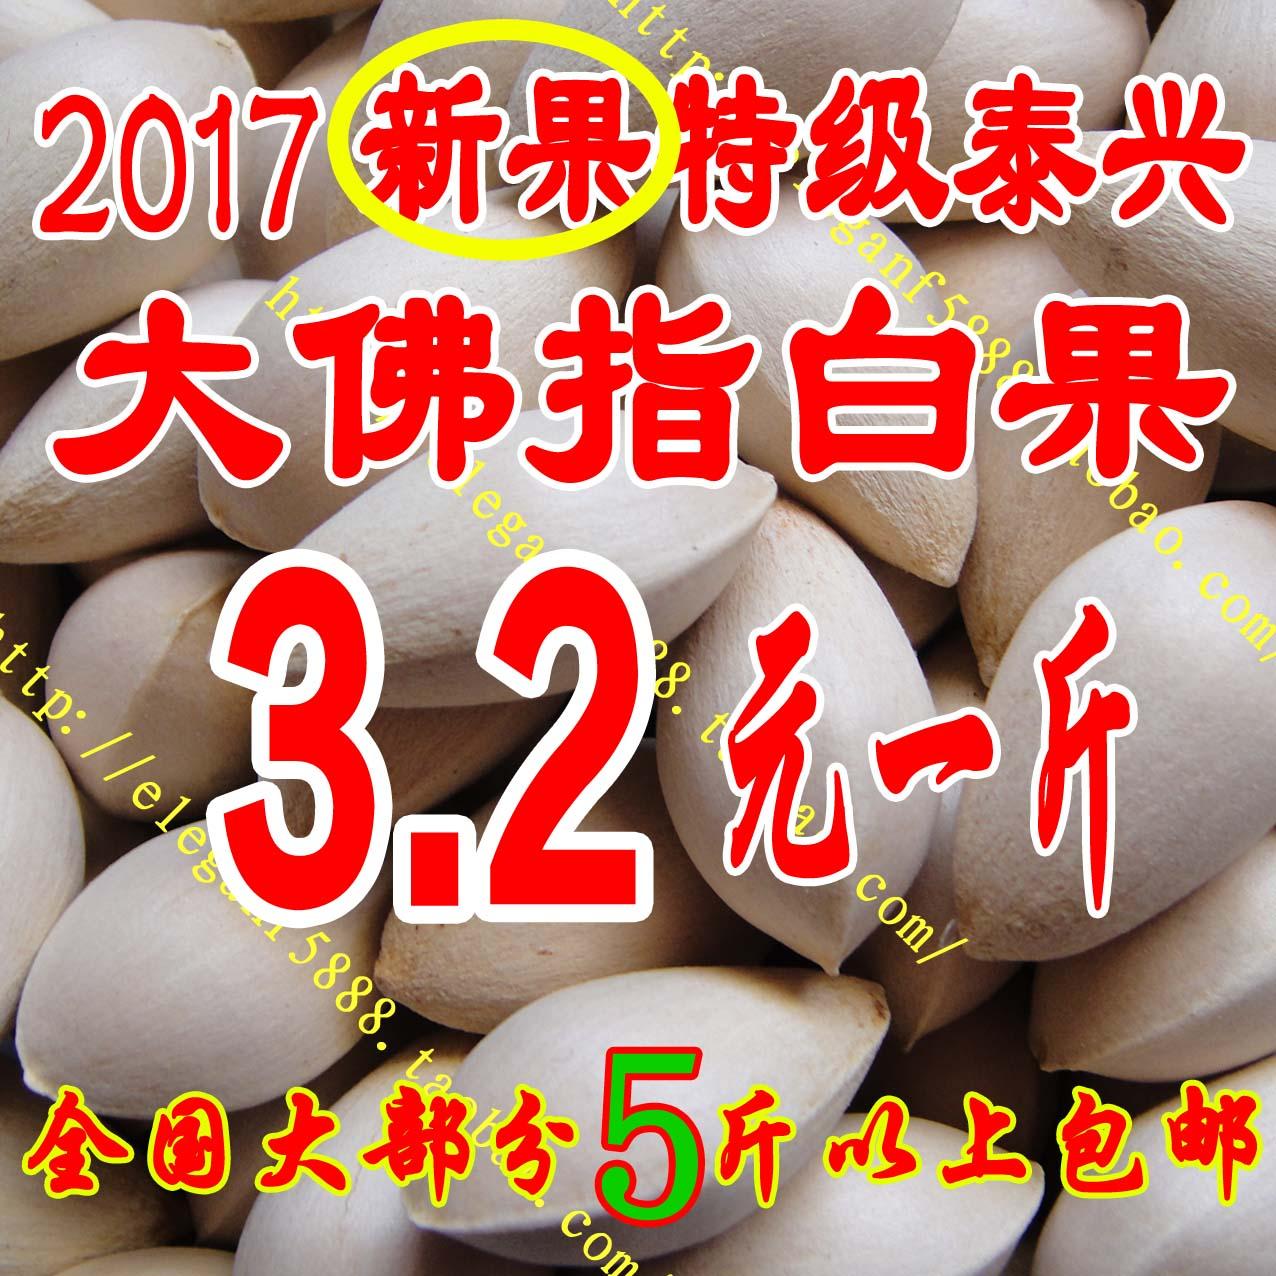 2017 свежий специальная марка тайский интерес будда палец сырье белый фрукты серебро абрикос фрукты ( обеспечение качества ● отдавать рецепт )5 джин пакет mail